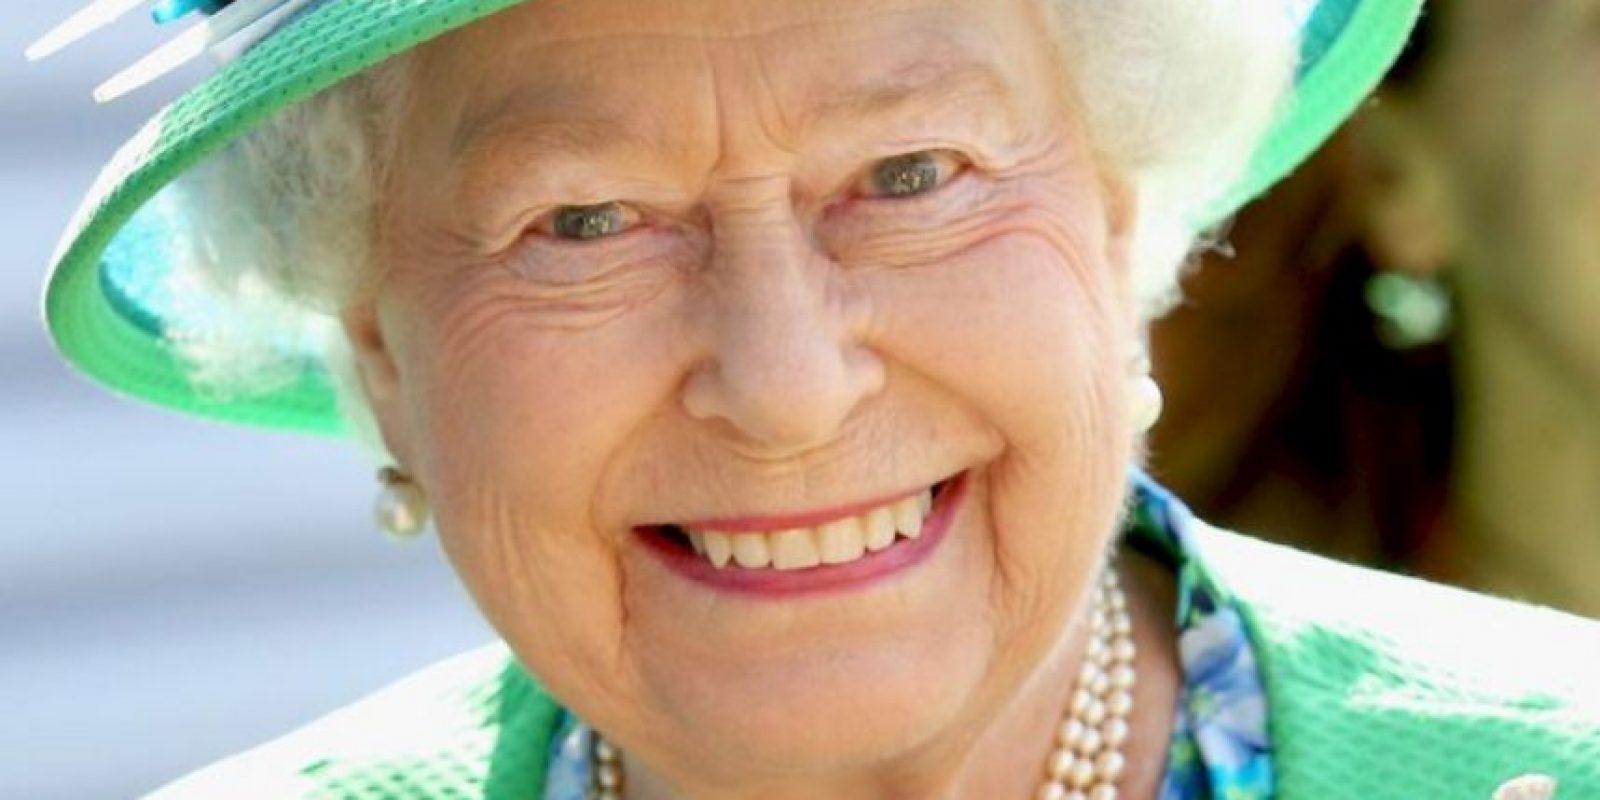 5. Cada año recibe un promedio de 50 mil personas en el palacio de Buckingham para eventos como fiestas, banquetes, entre otros. Foto:vía Getty Images